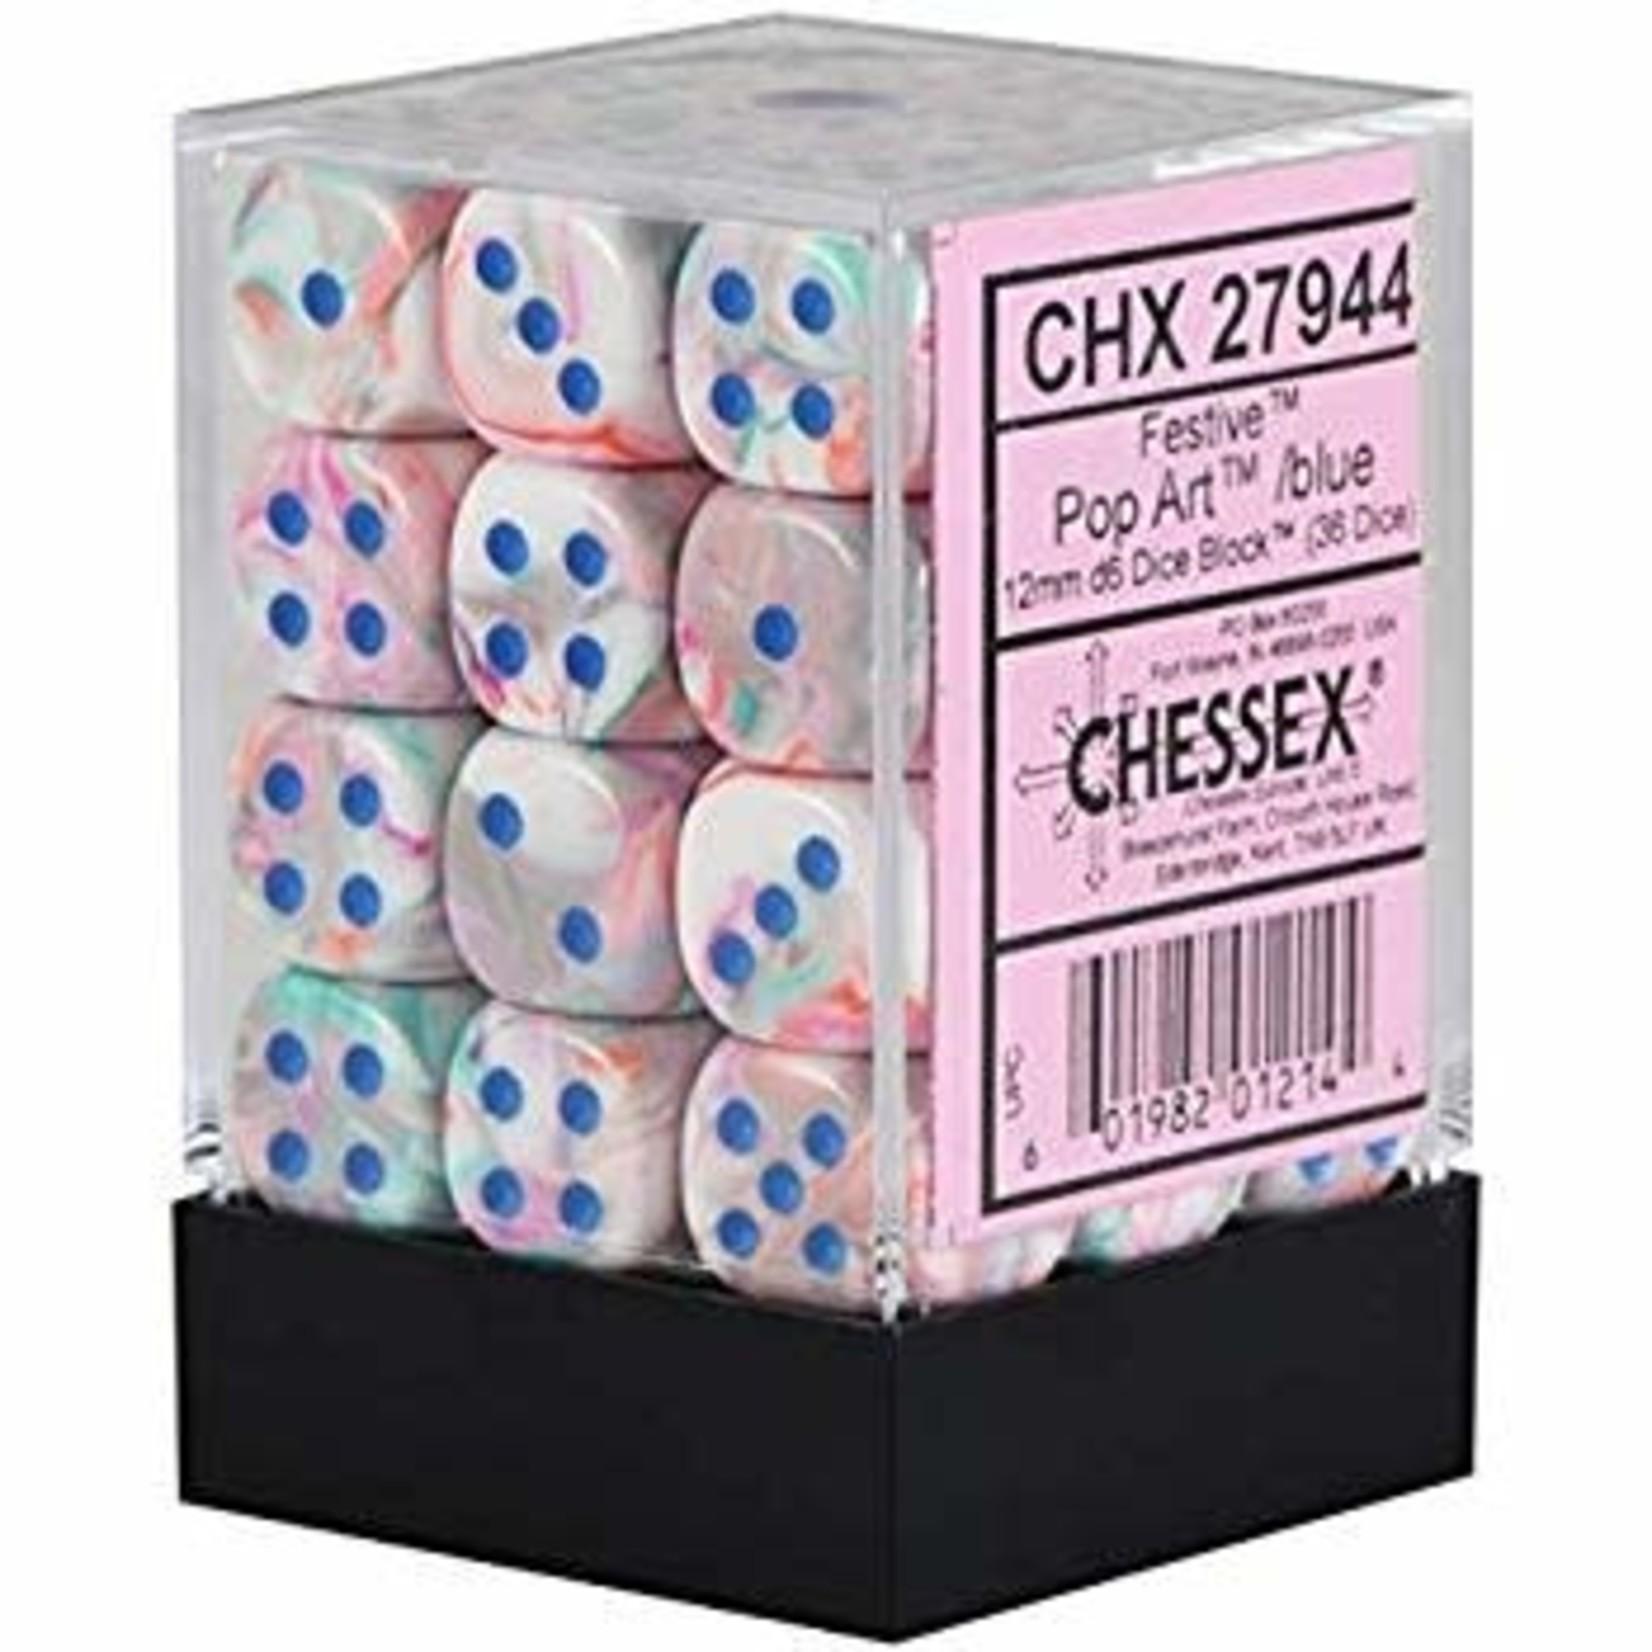 CHX 27944 Festive Pop Art/ Blue (36 count)